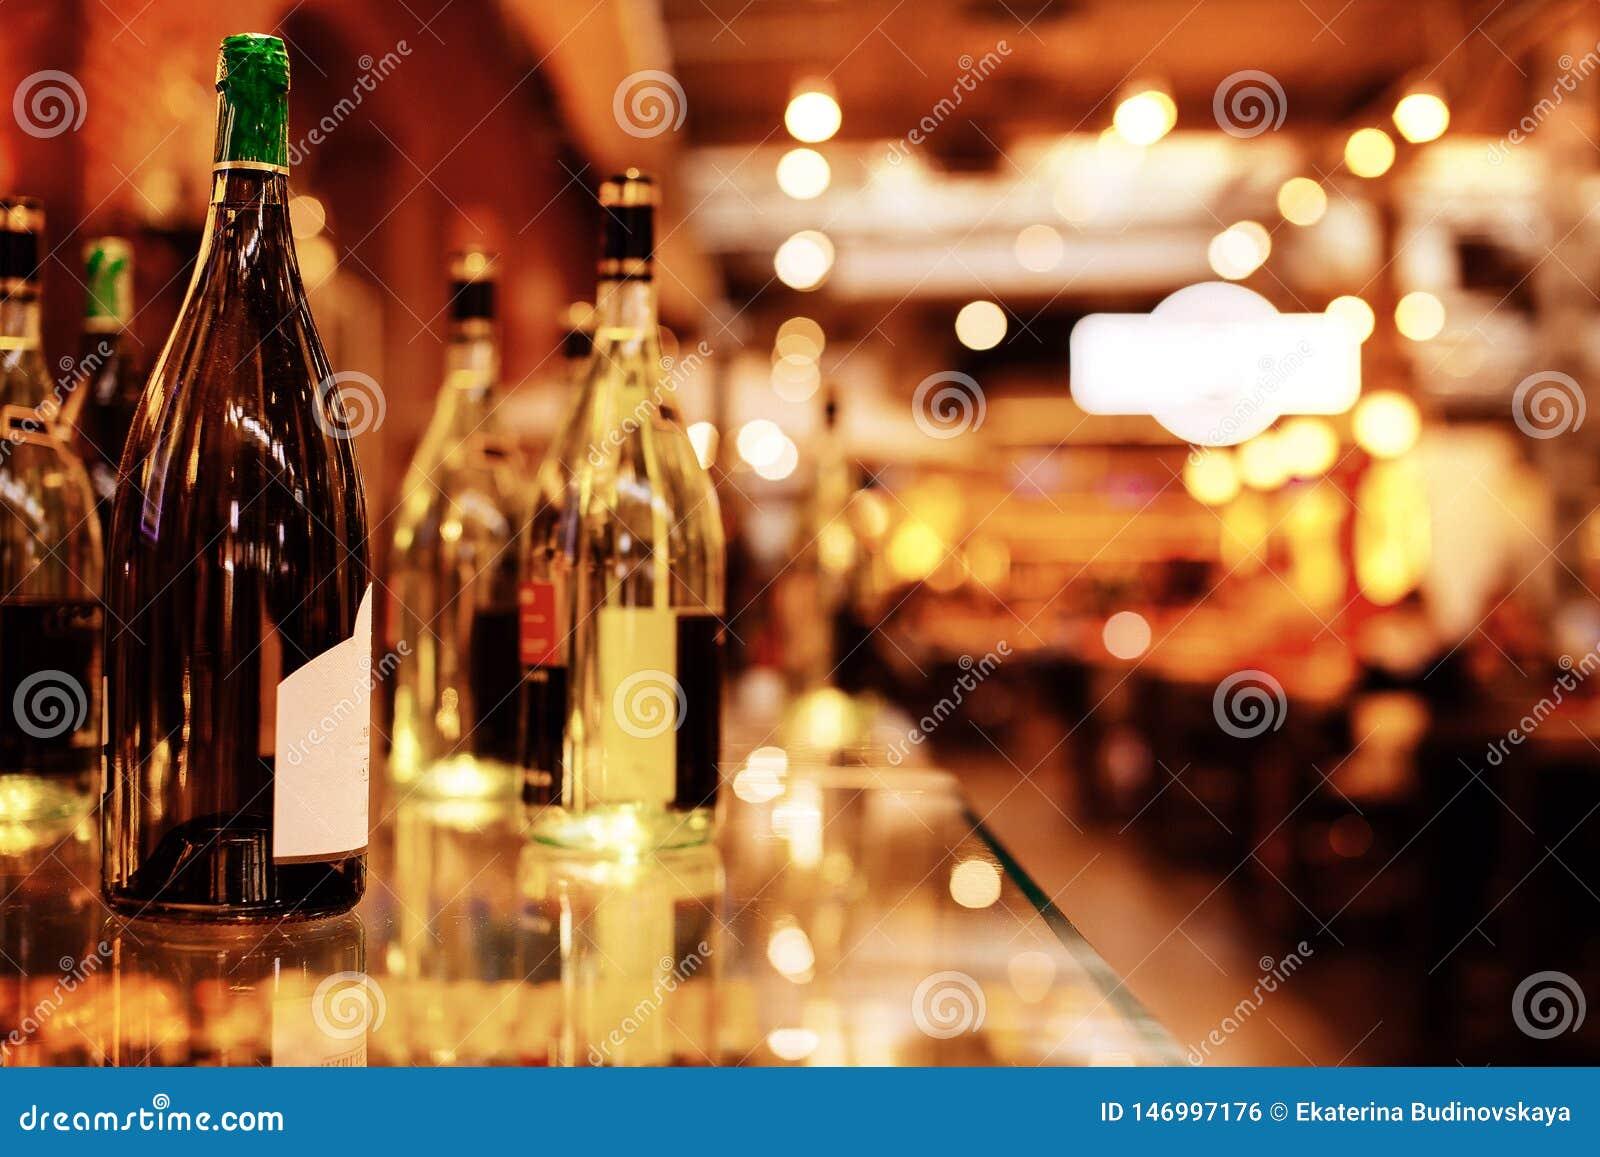 Flaschen auf der Stange